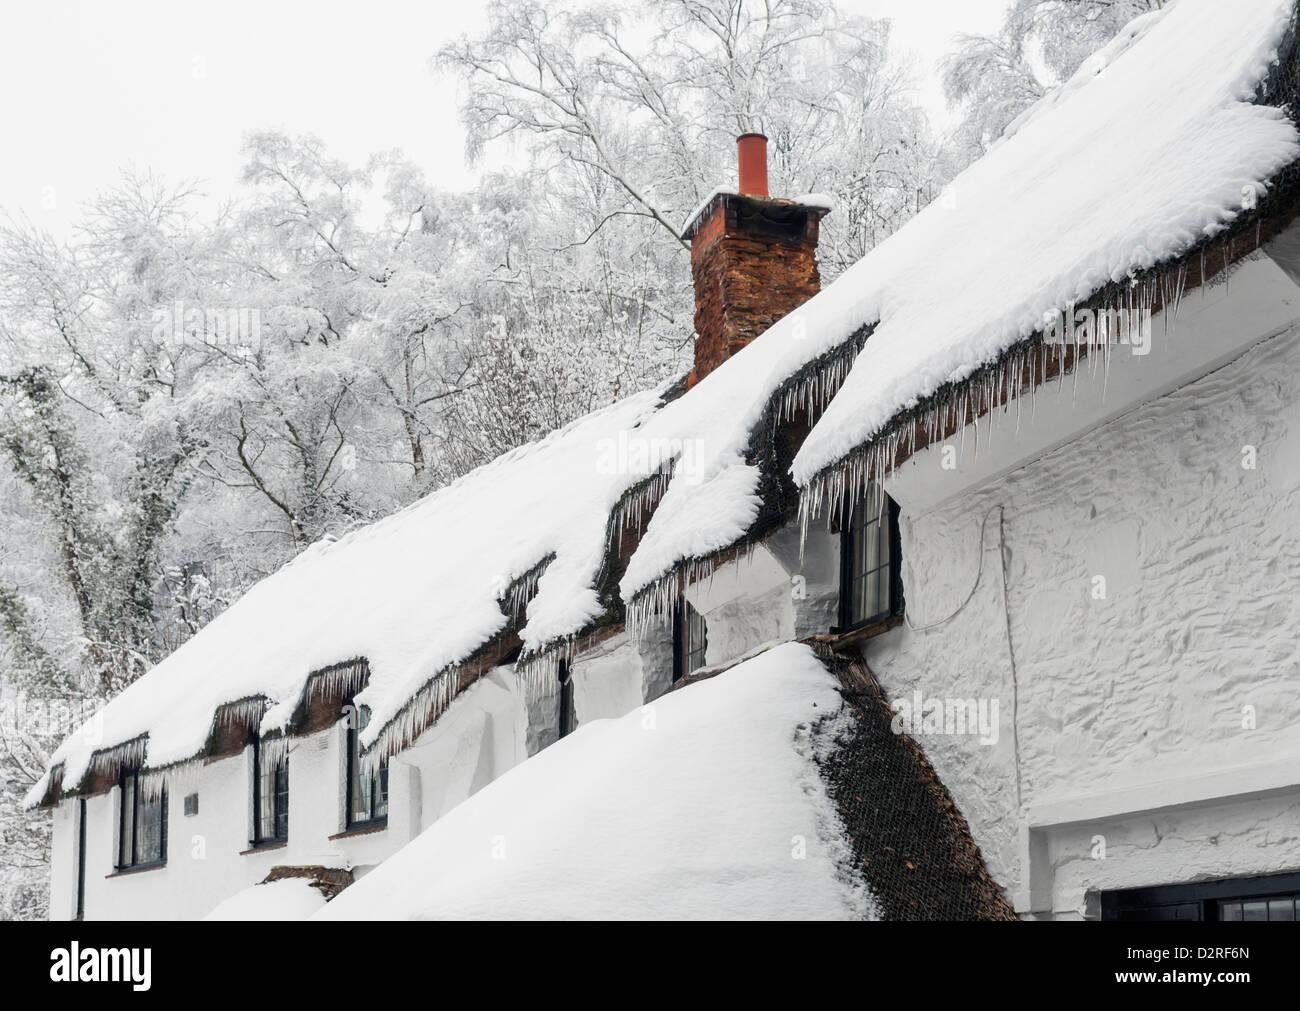 Eine strohgedeckte Hütte bedeckt Schnee und Eiszapfen, bei extrem kaltem Wetter, 2012. Stockbild